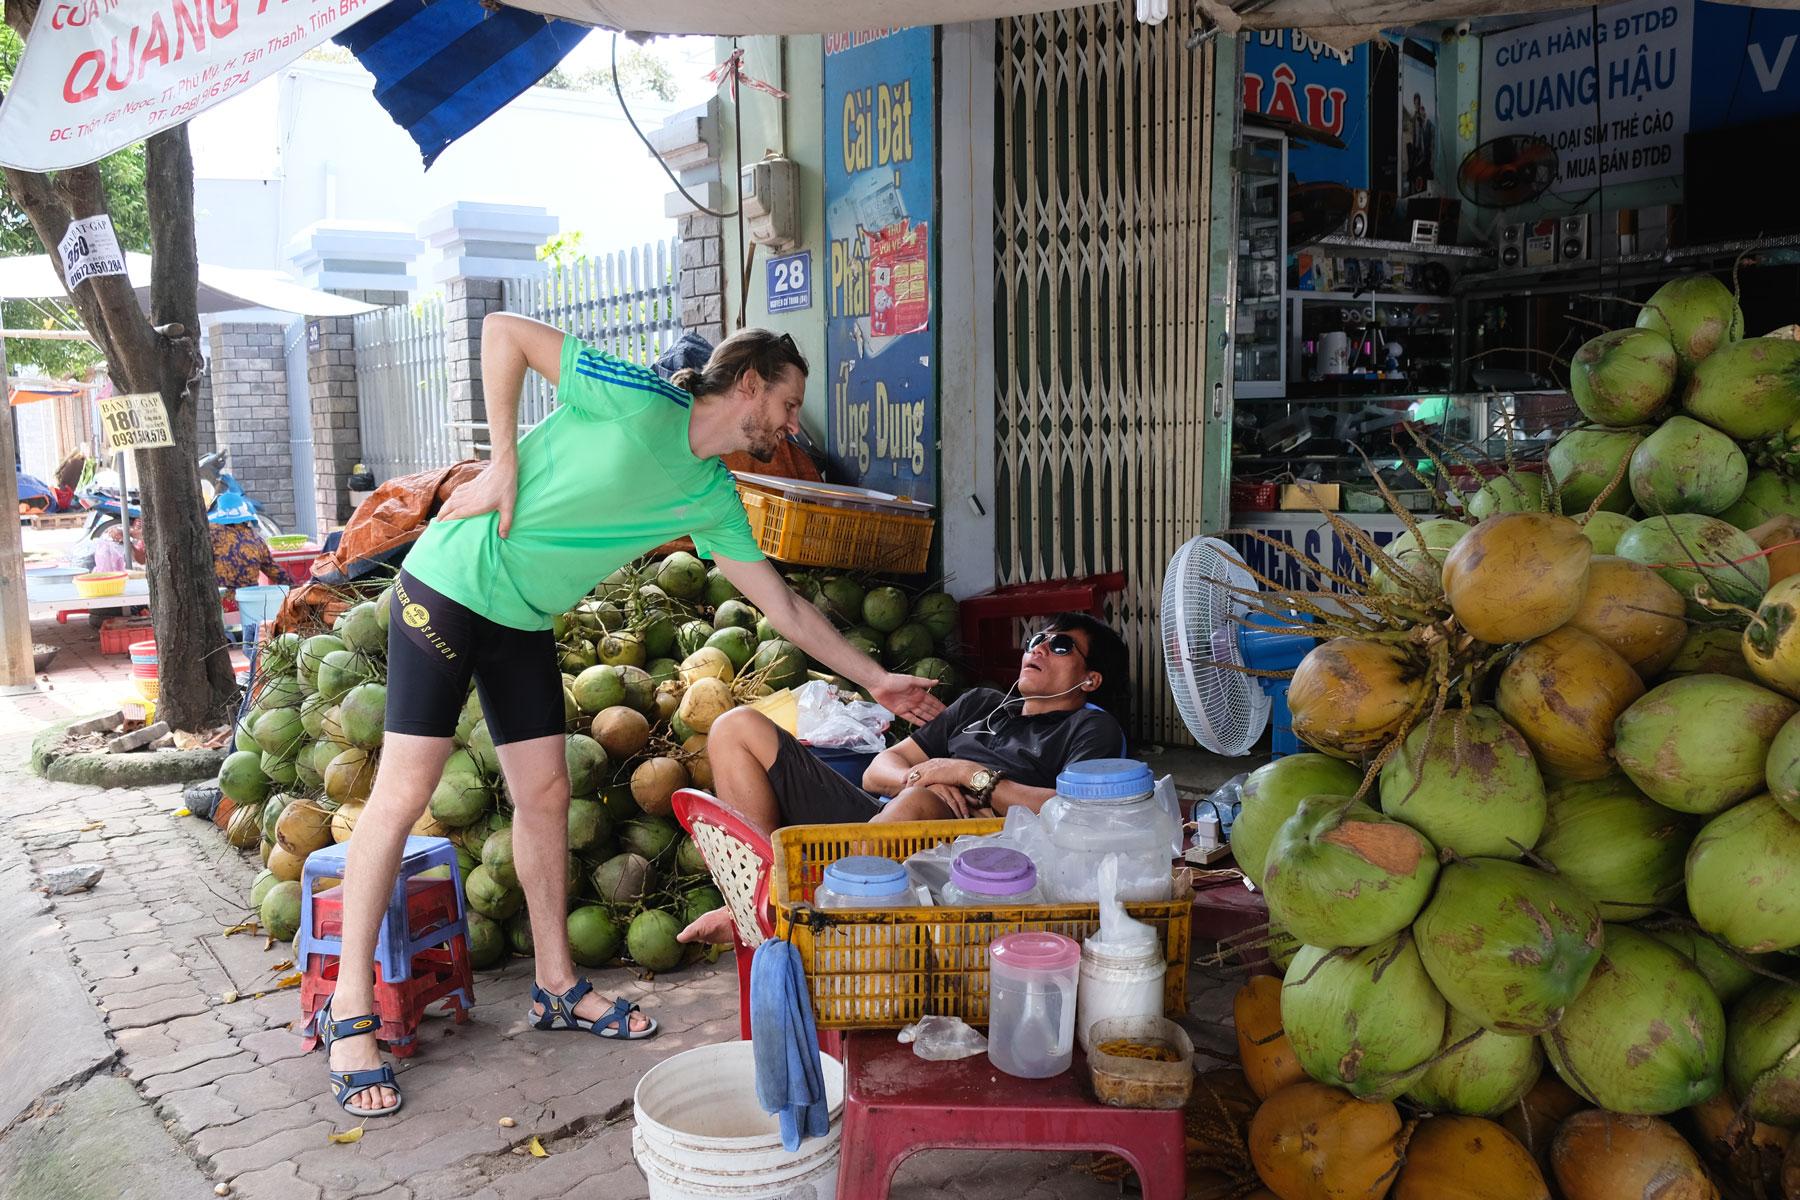 Sebastian weckt den Verkäufer von Kokosnüssen auf, der in seinem Stuhl sitzend schläft.